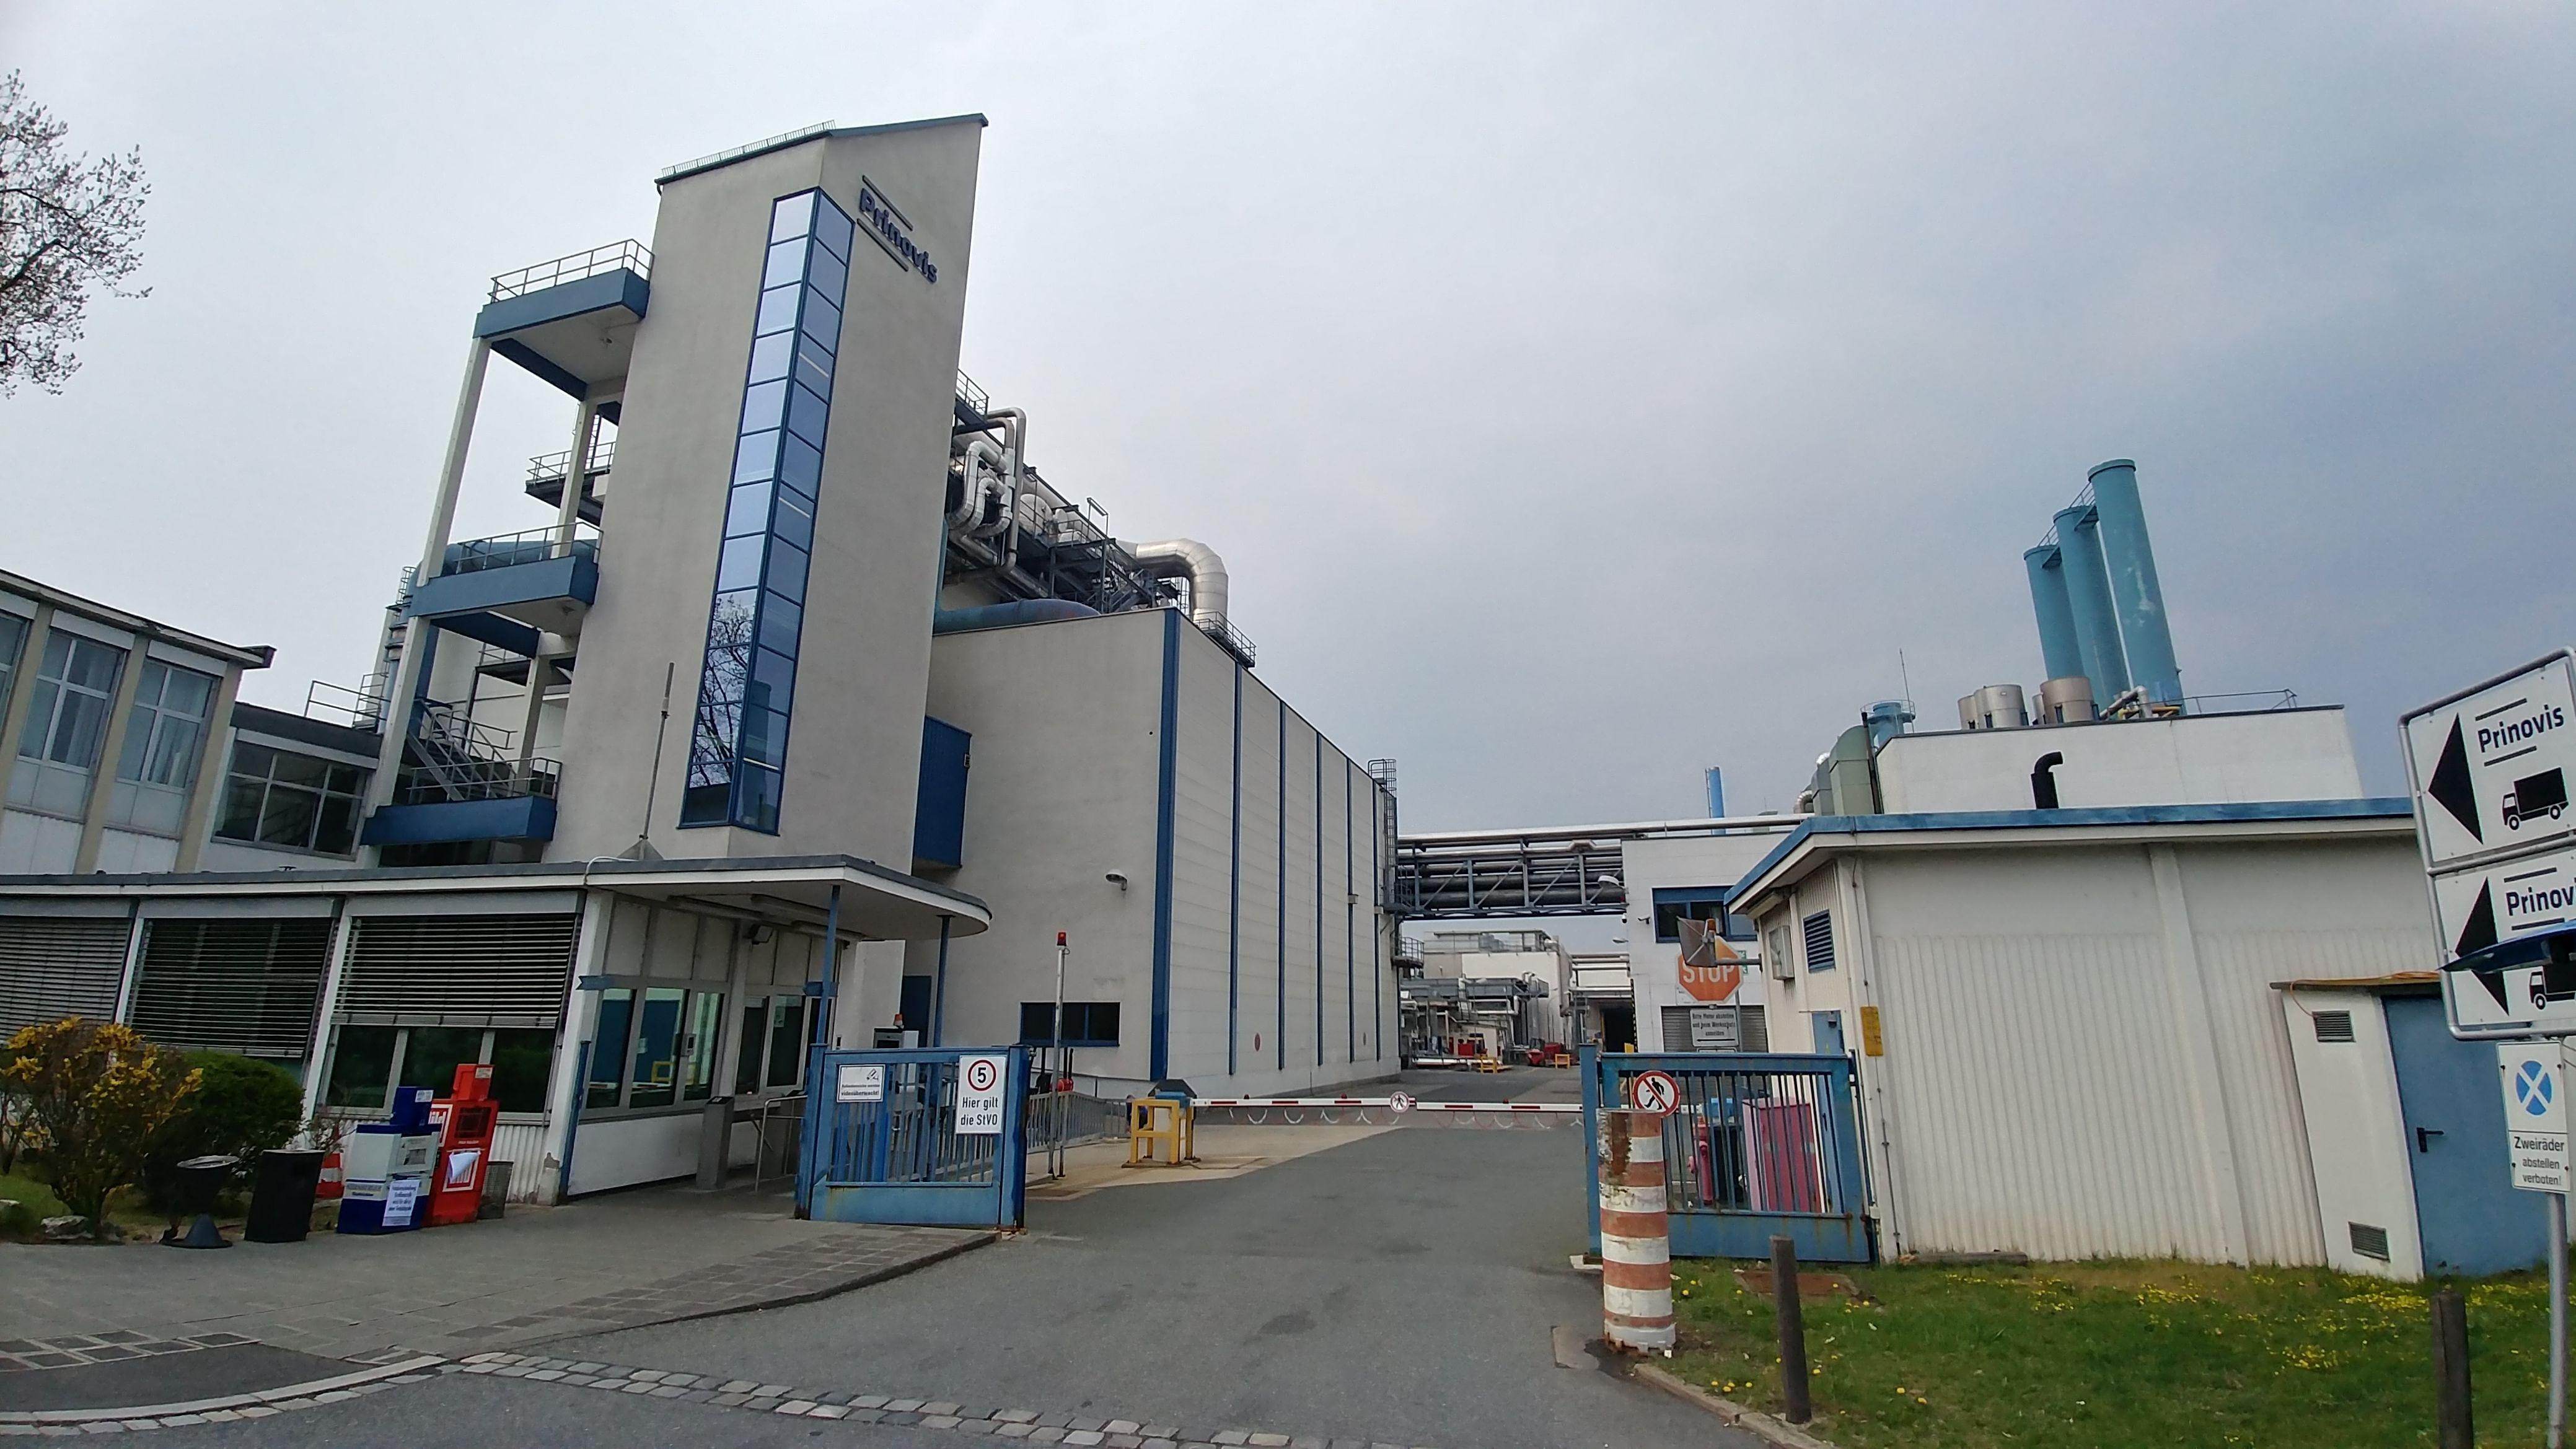 Prinovis-Druckerei in Nürnberg